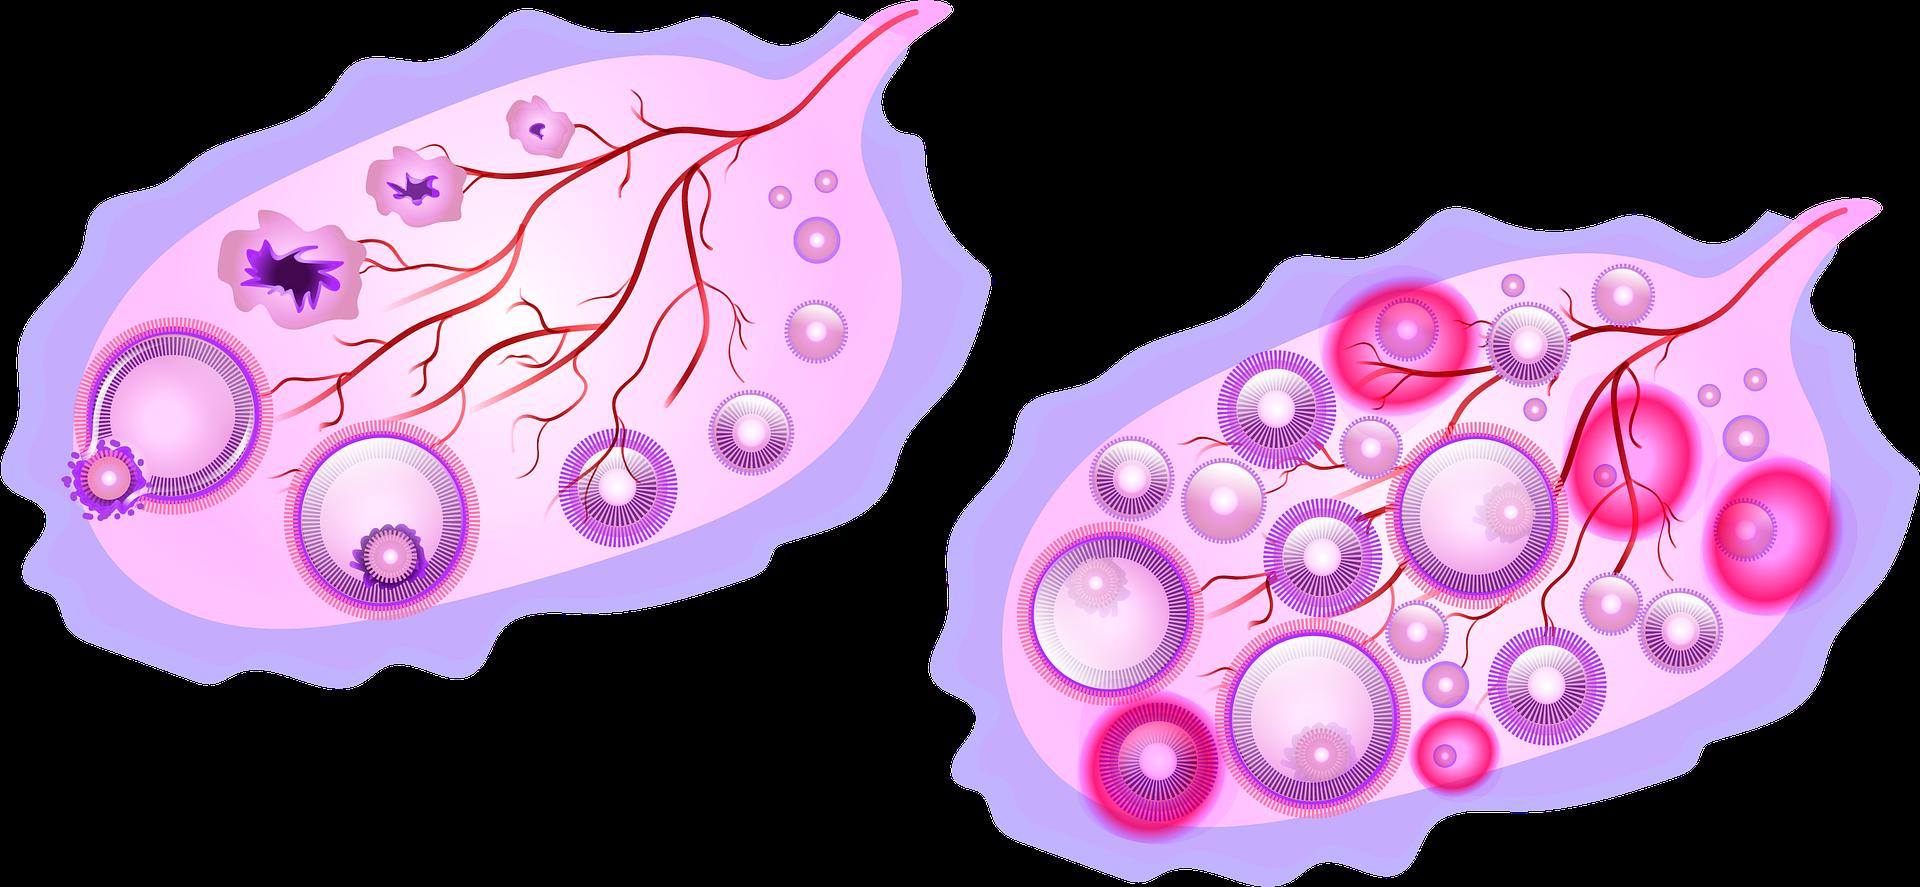 طرق طبيعية لمنع الحمل